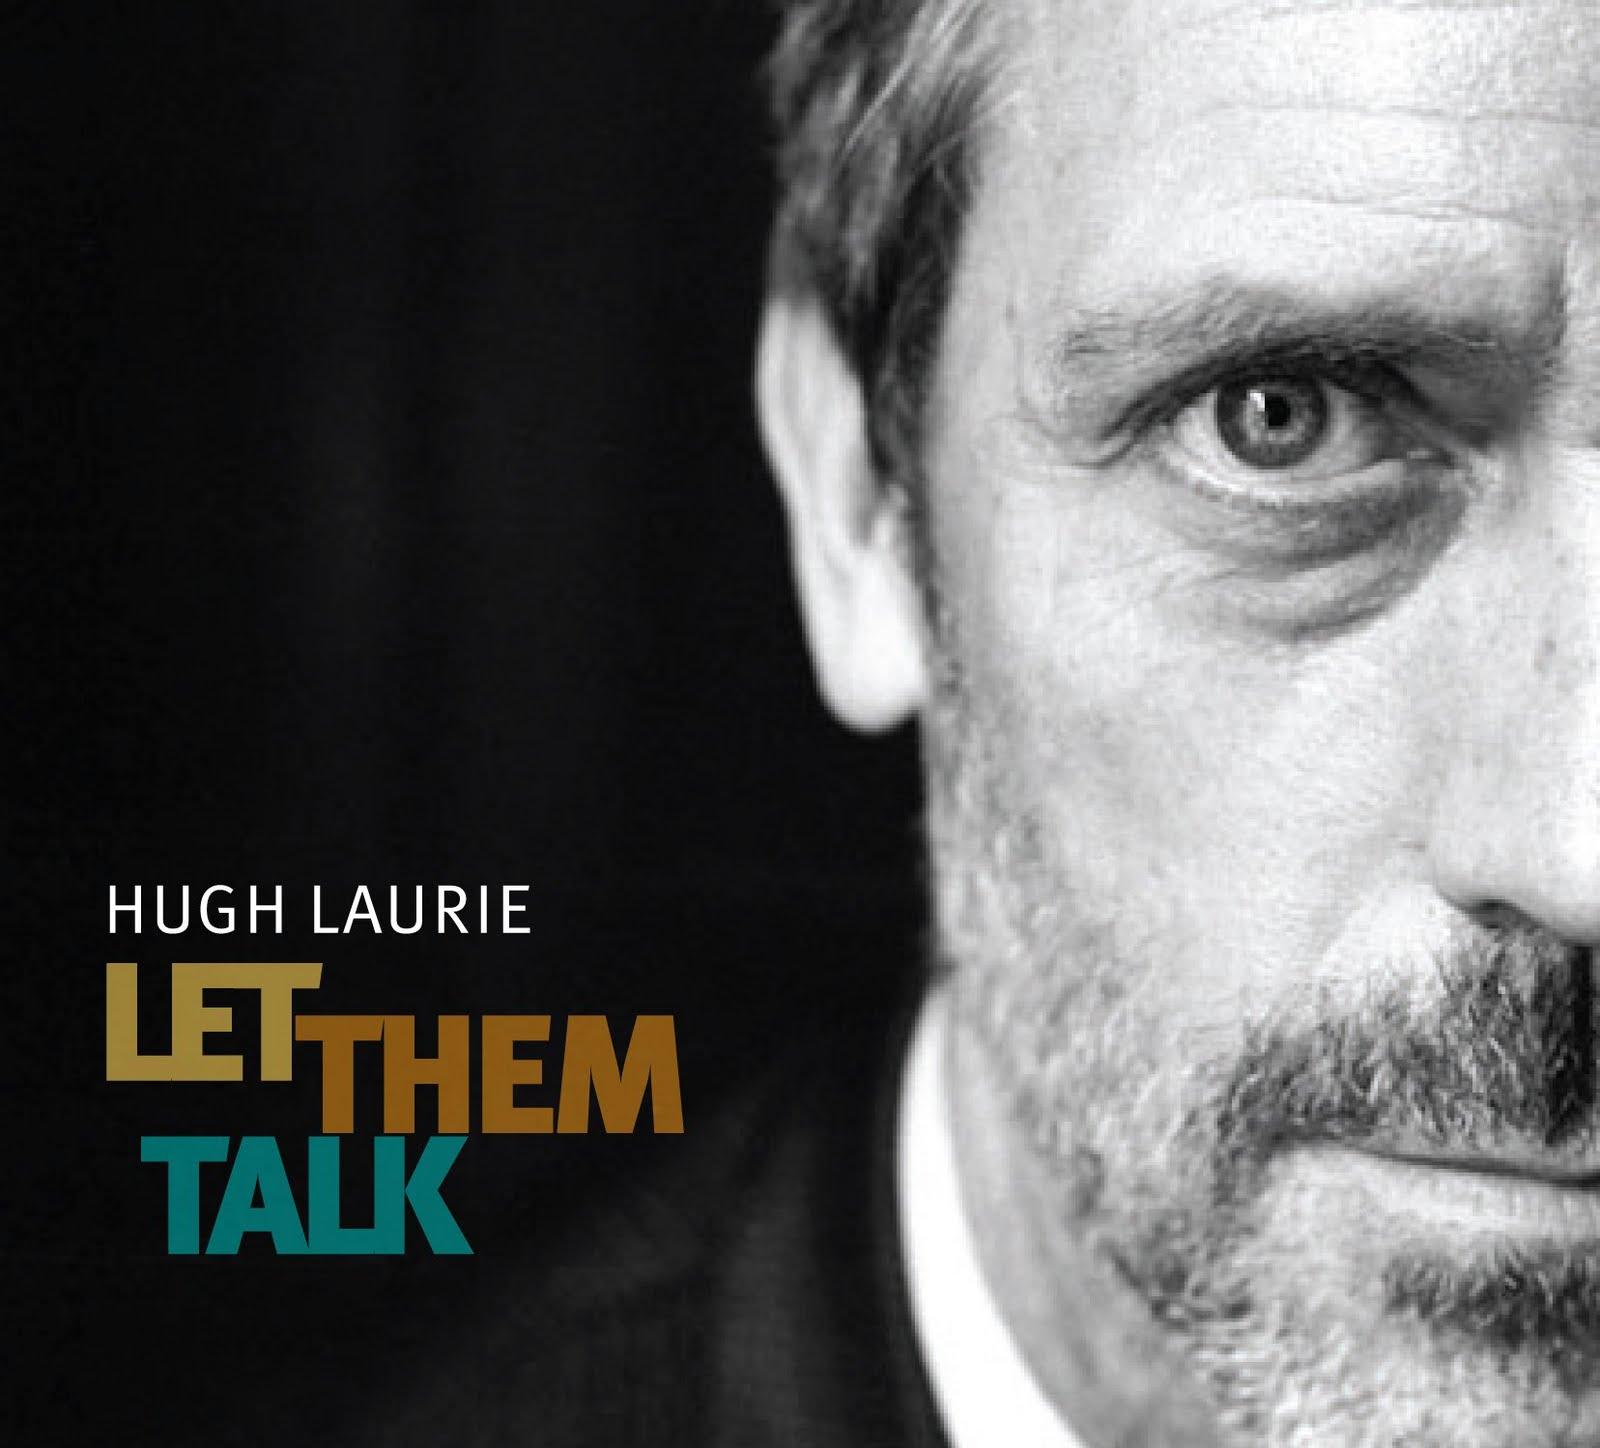 http://1.bp.blogspot.com/-DWvFPrlkHWU/TlJKjnCMxrI/AAAAAAAAALM/BAB3cUT8Gs4/s1600/9b3f66f3_Hugh-Laurie.jpeg